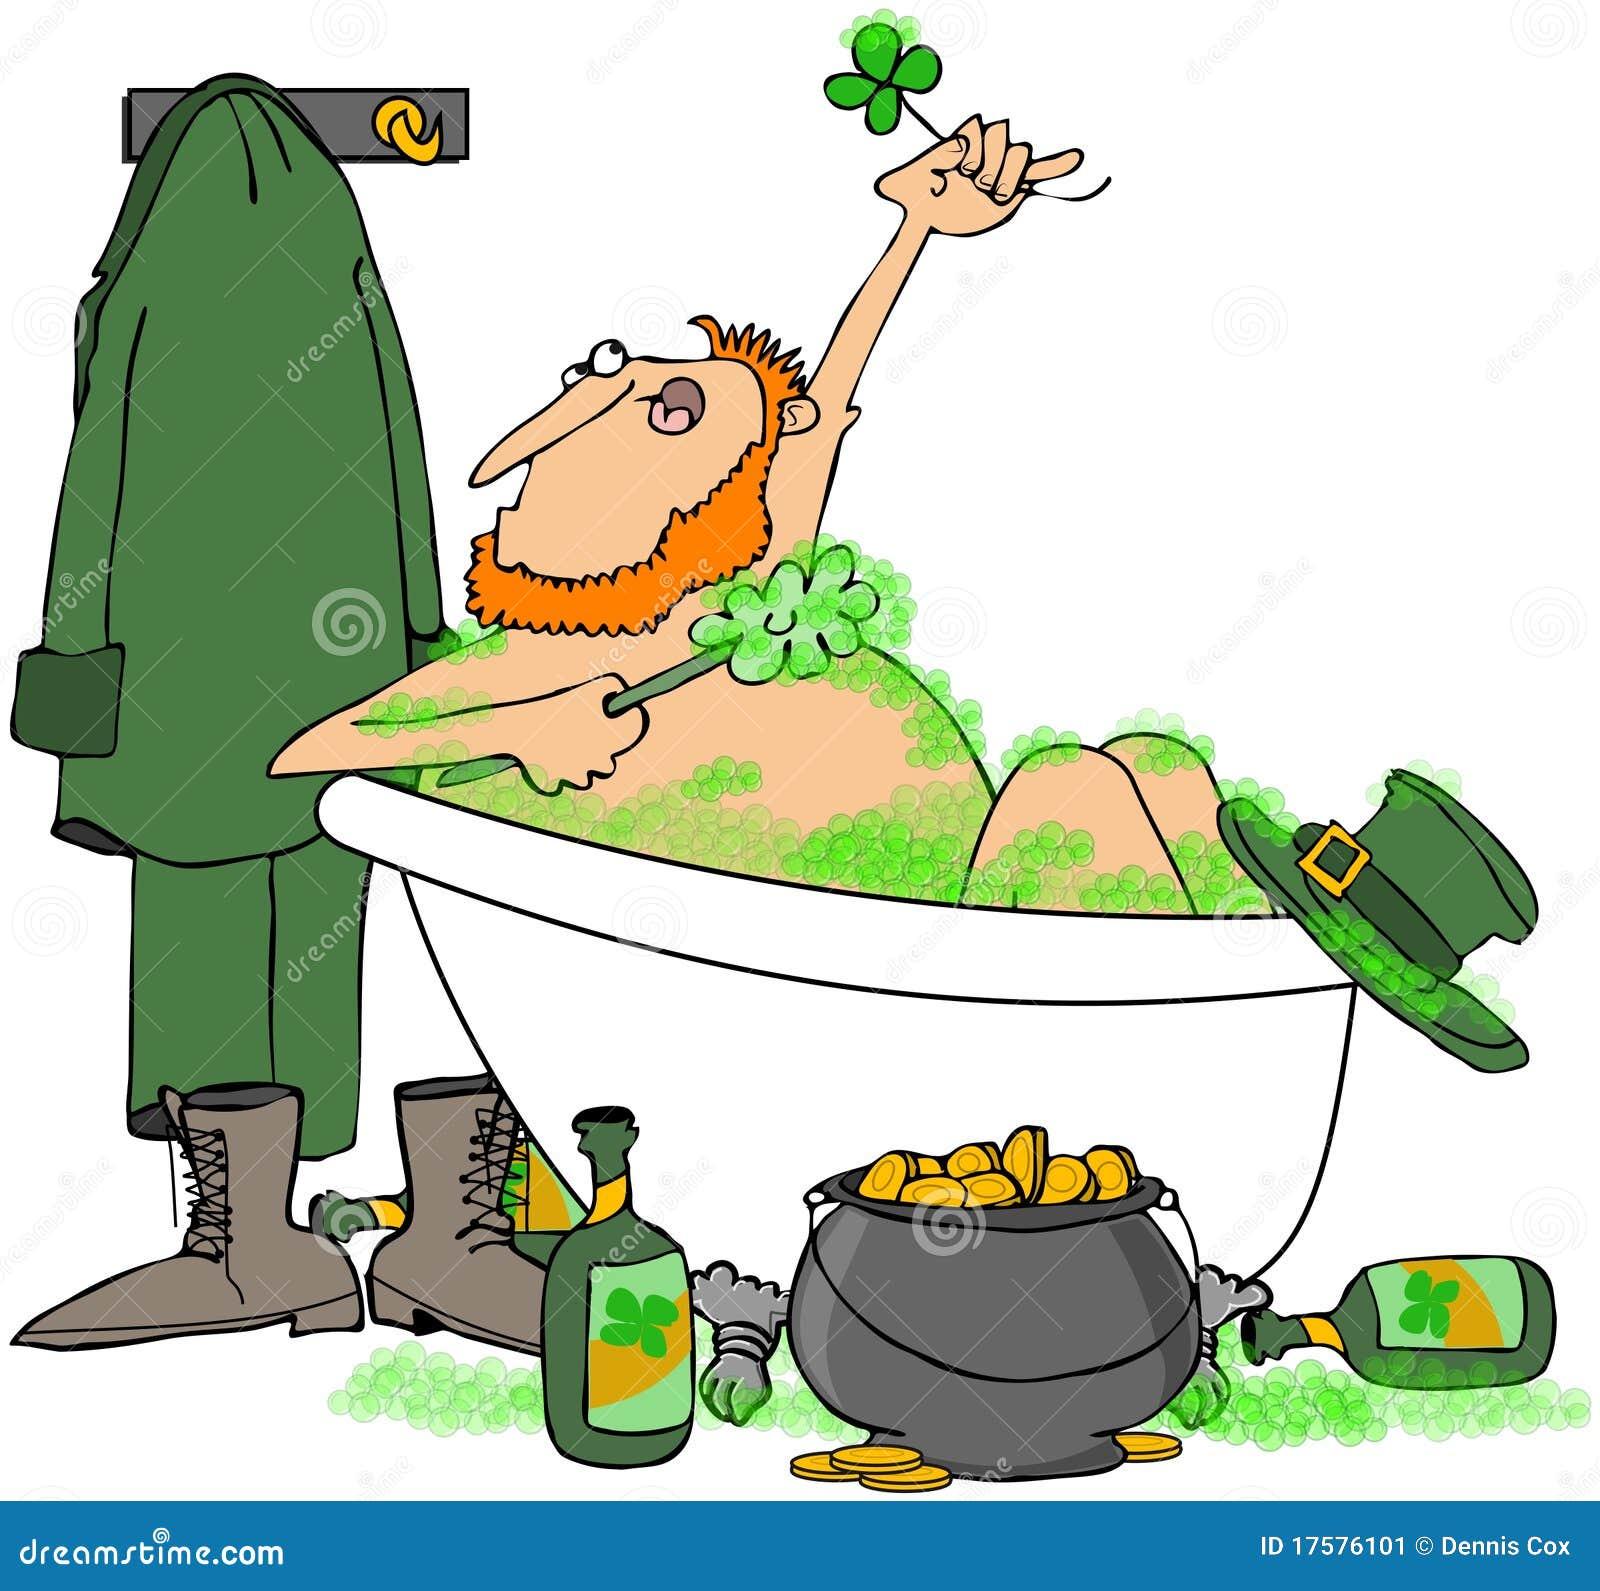 Imagenes De Tomar Un Baño: representa un Leprechaun irlandés que toma un baño de burbuja